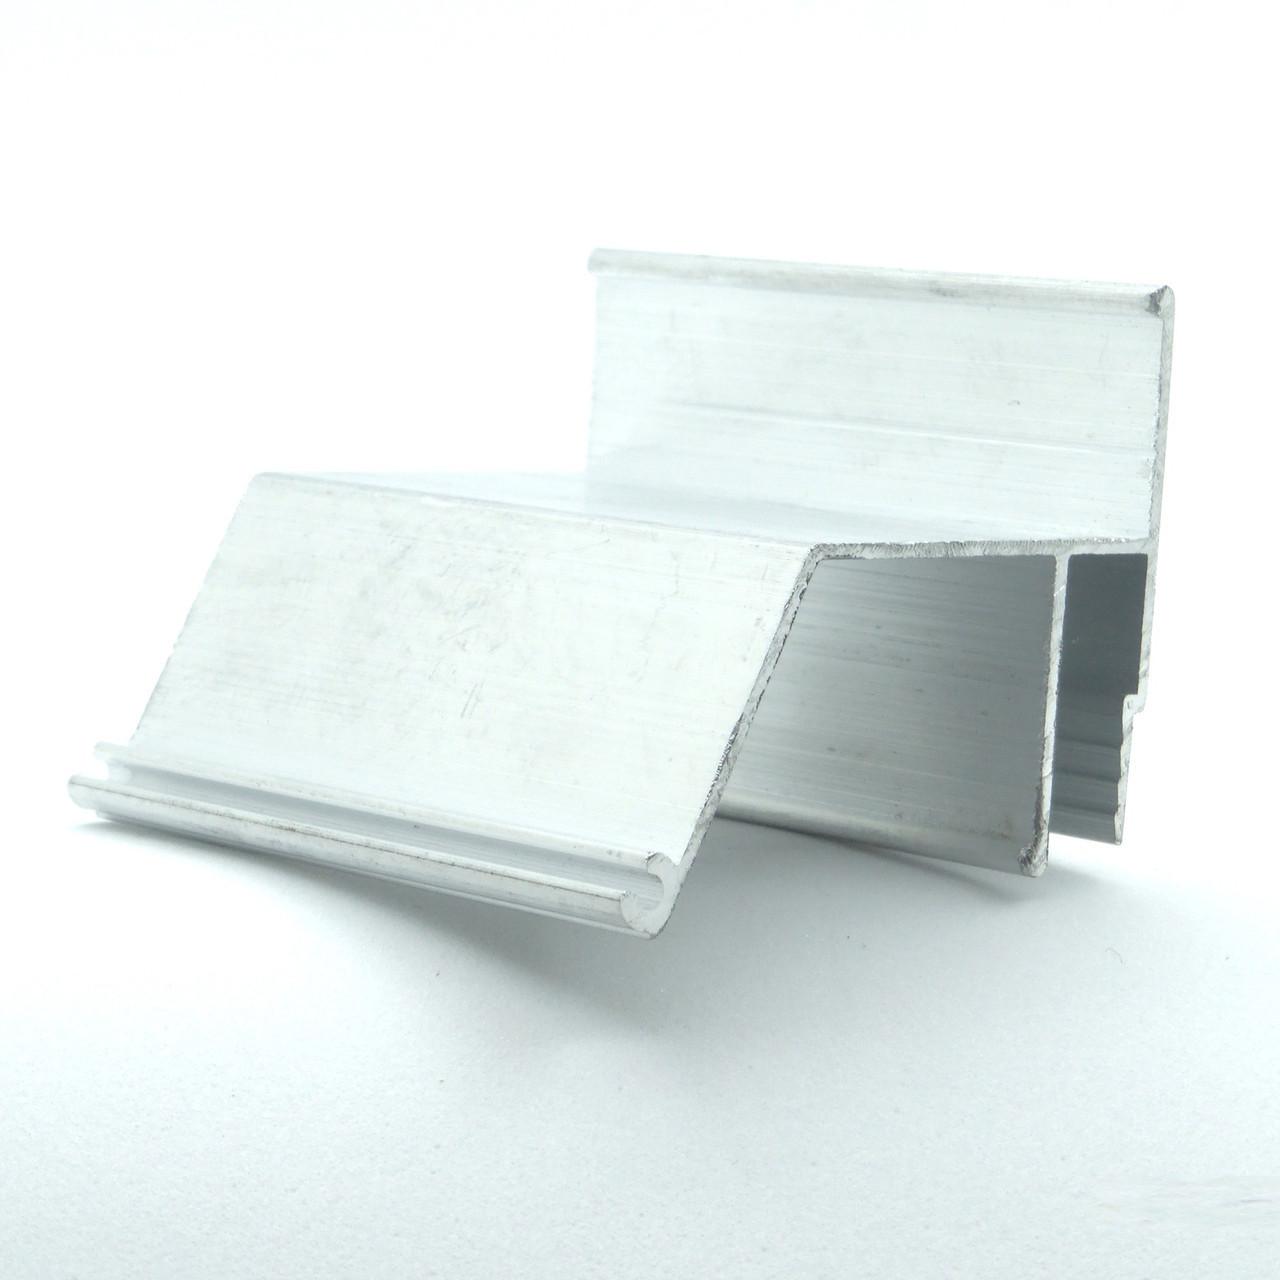 Профиль алюминиевый - парящий контур, с подсветкой. Длина профиля 2 м.